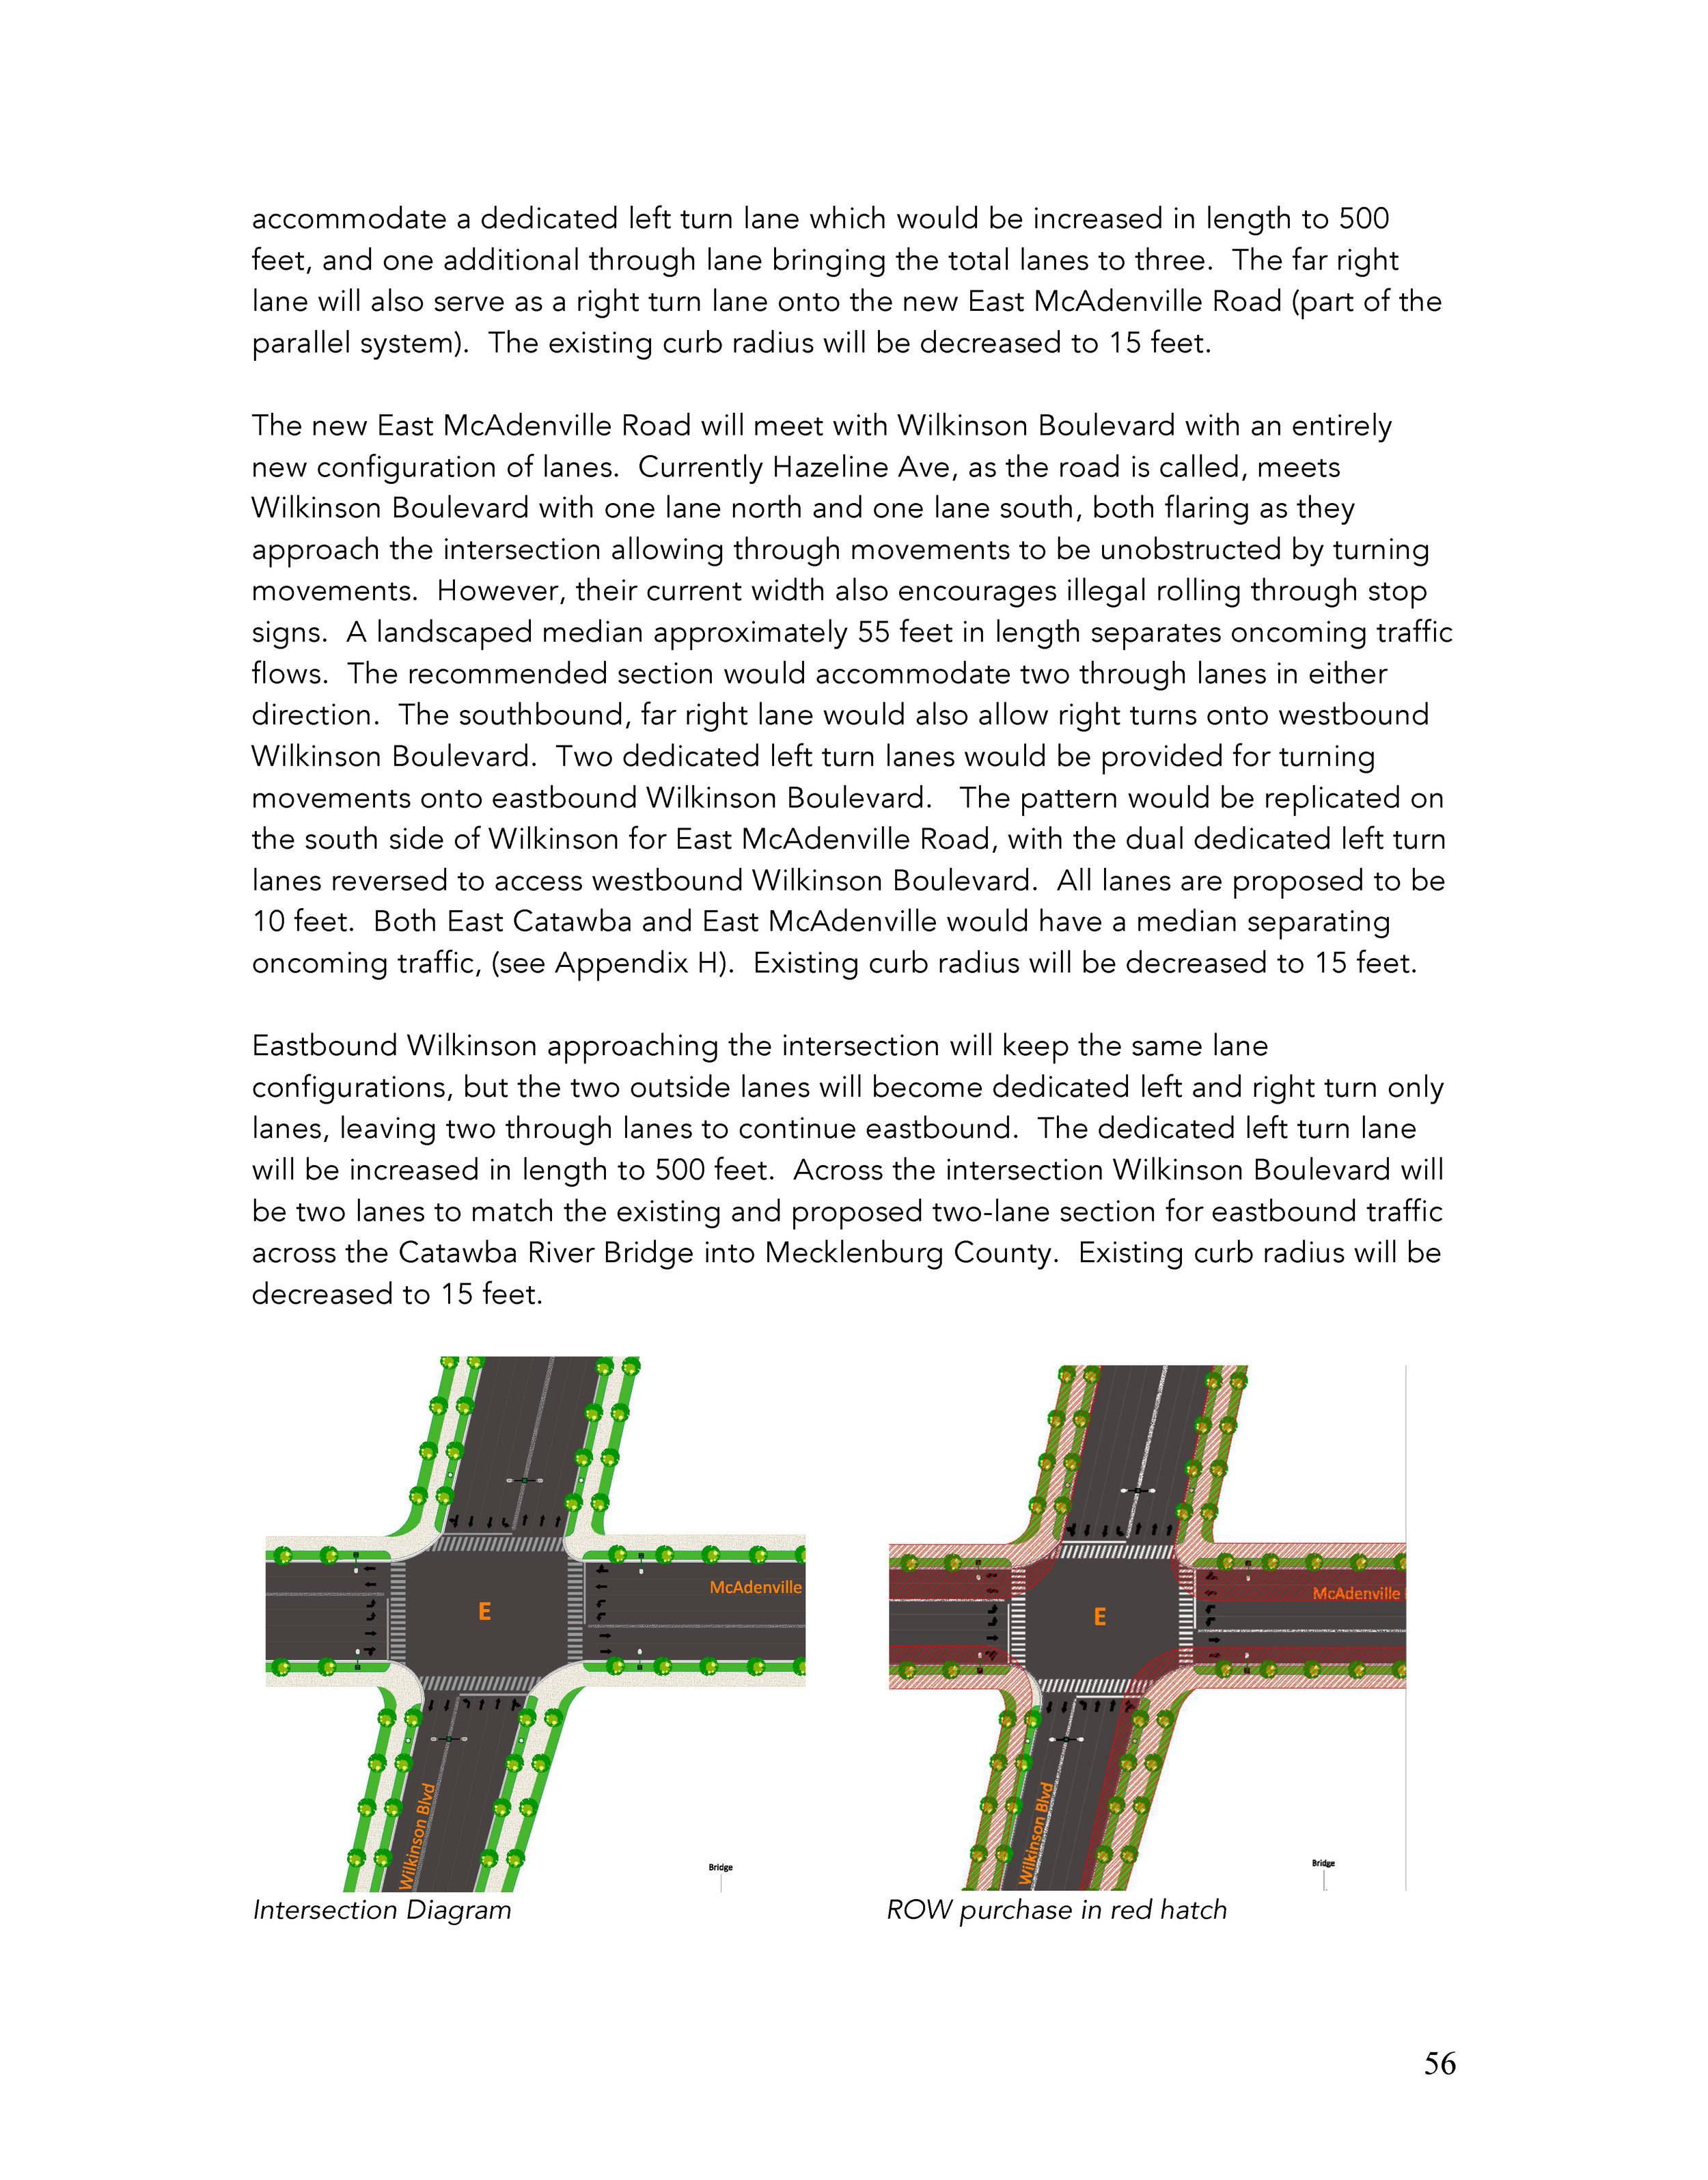 1 WilkinsonBlvd Draft Report 1-22-15 RH_Peter Edit_Page_56.jpg